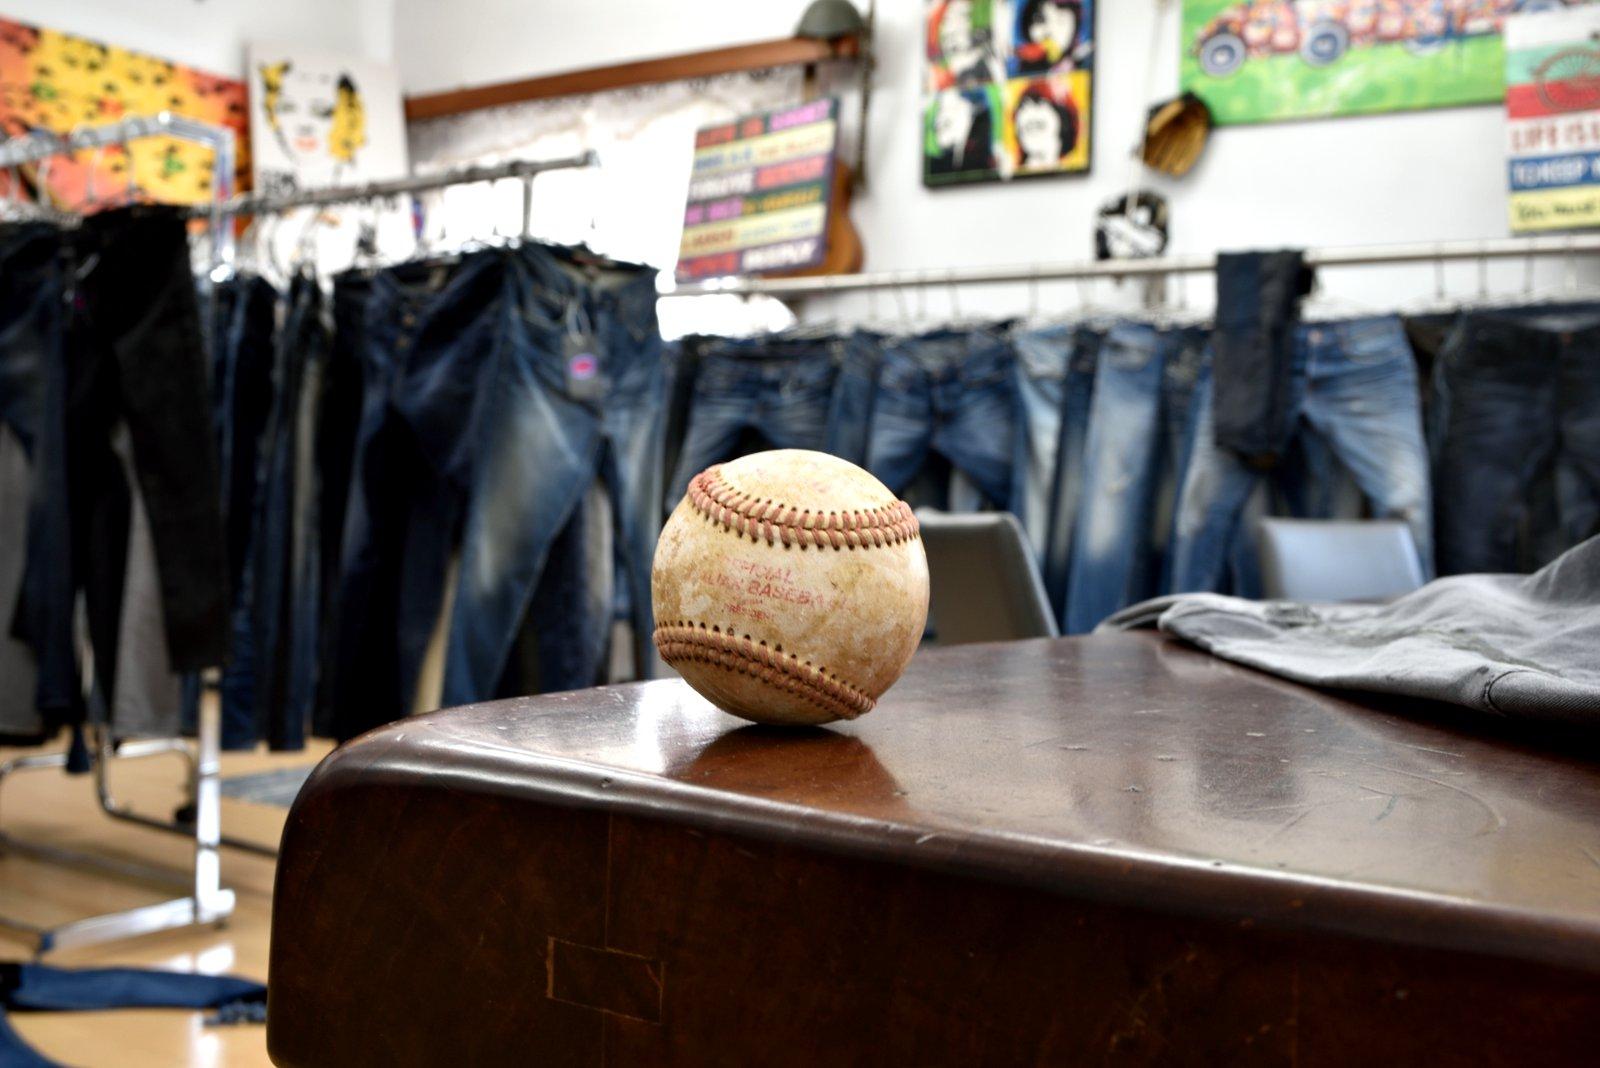 <a href='http://www.dimatintolavanderia.it/2017/02/04/dima-tintolavanderia-jeans-vintage-2/'></a>